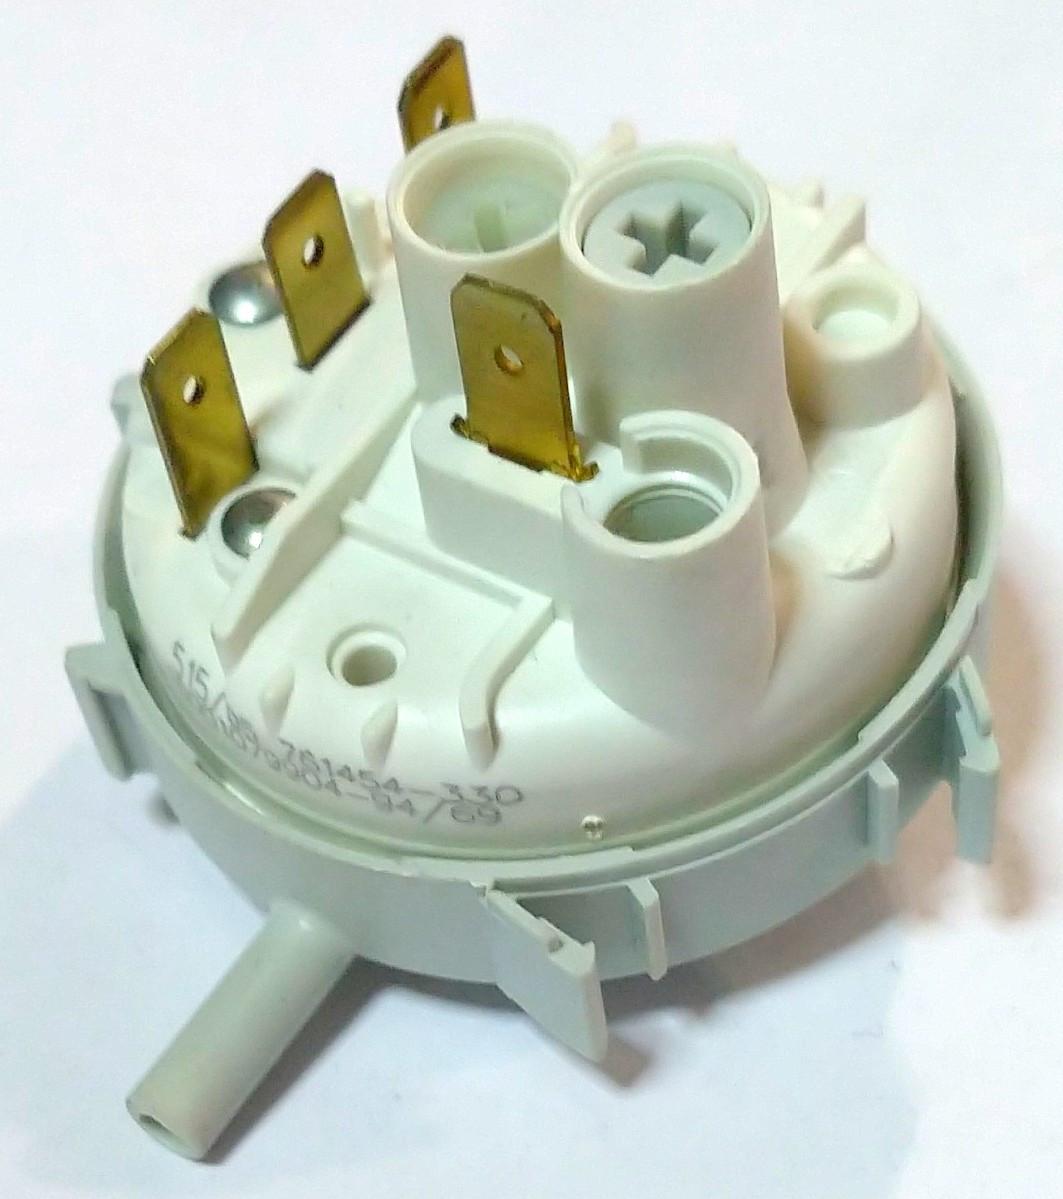 Пресостат Ariston (Арістон) 075337 для пральної машини